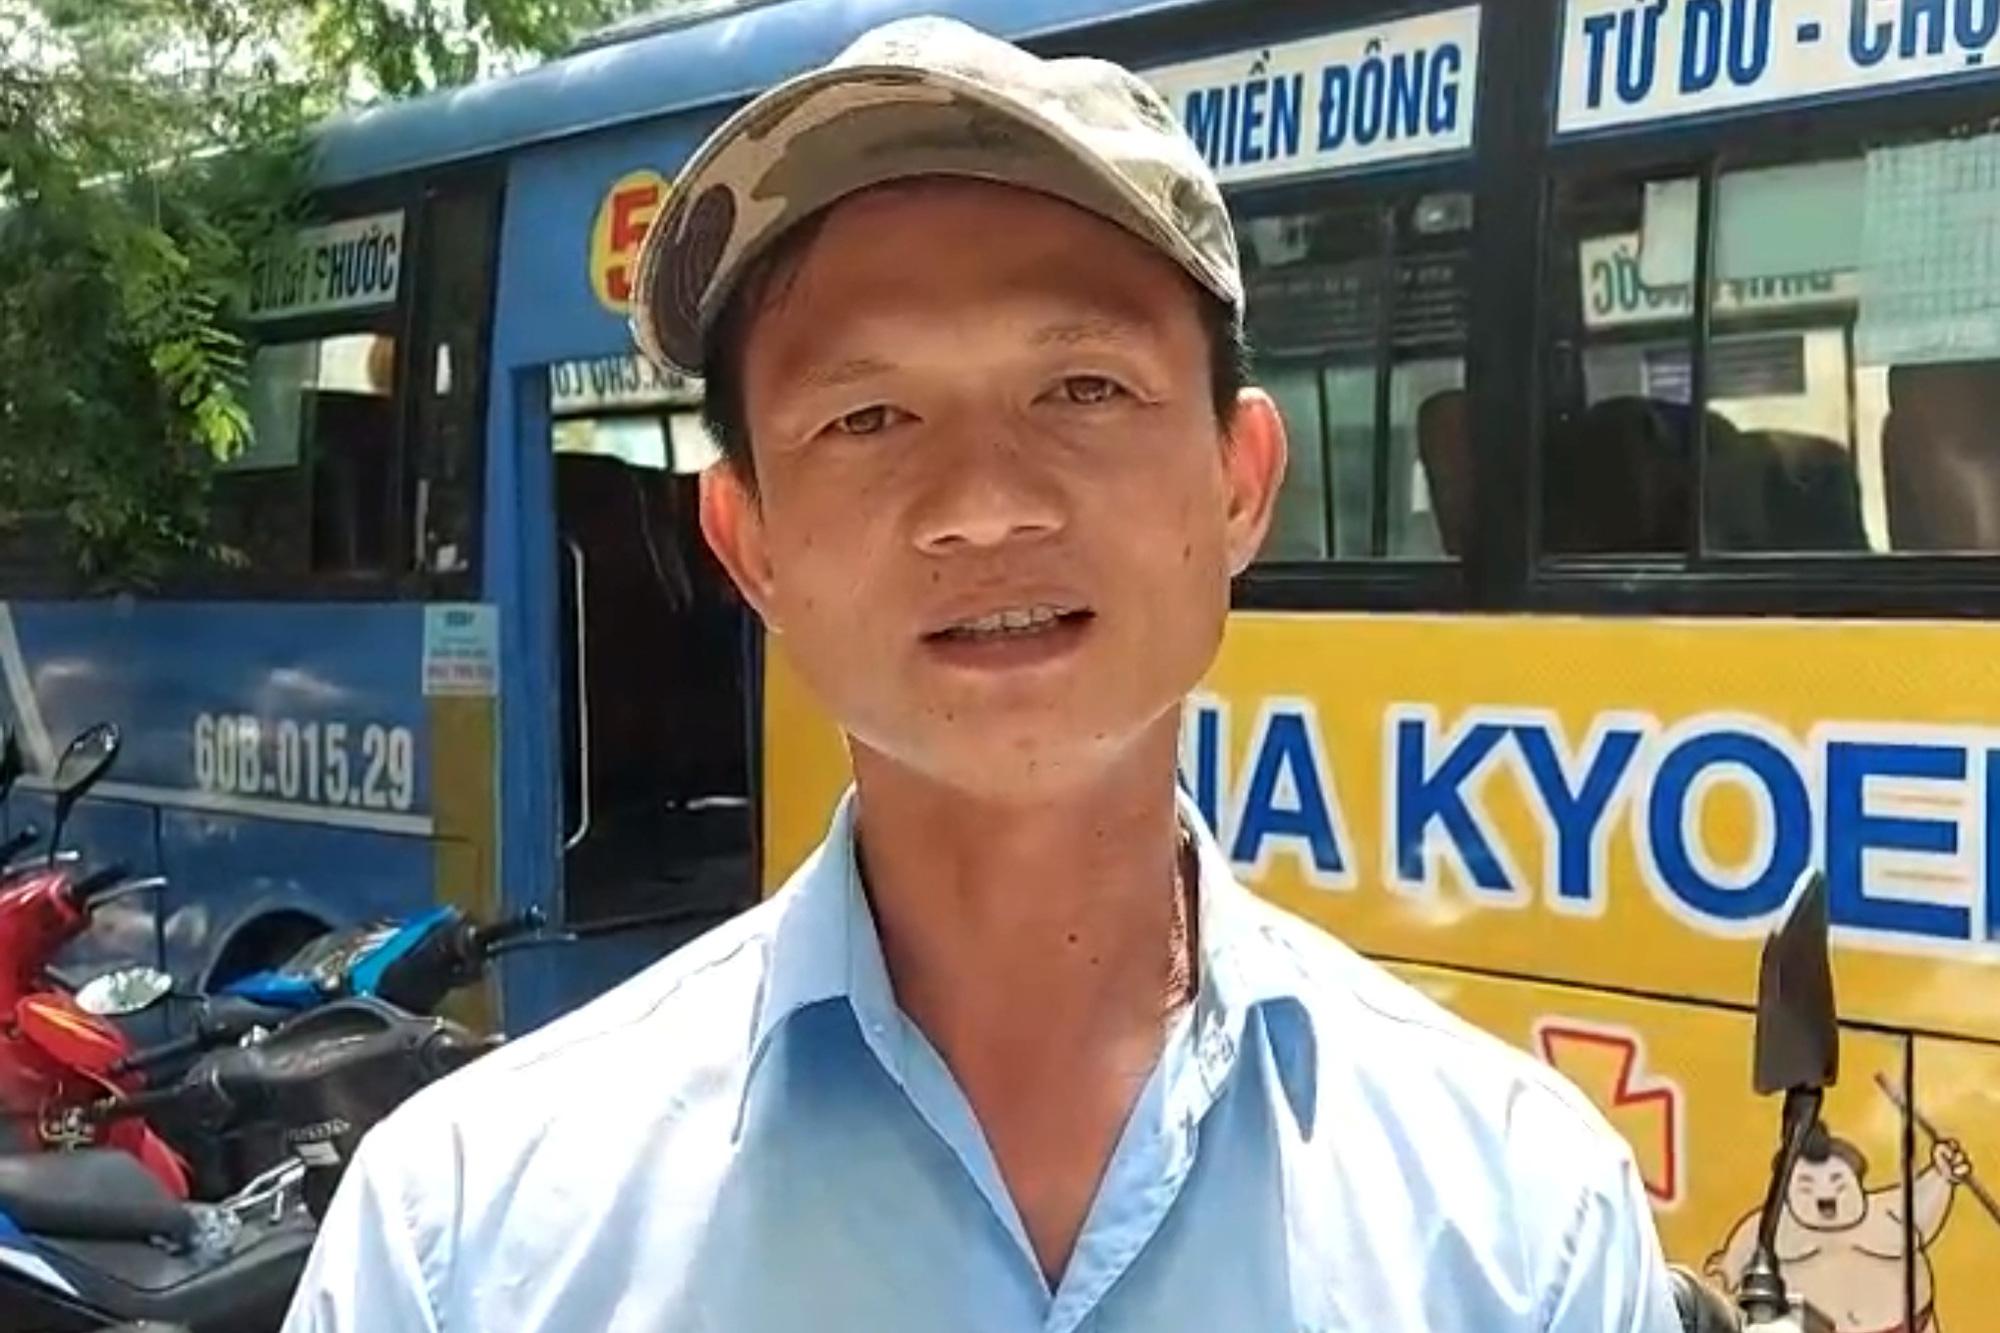 Tài xế xe buýt kể lại thời khắc bị thanh niên ngáo đá cầm dao khống chế - Ảnh 1.